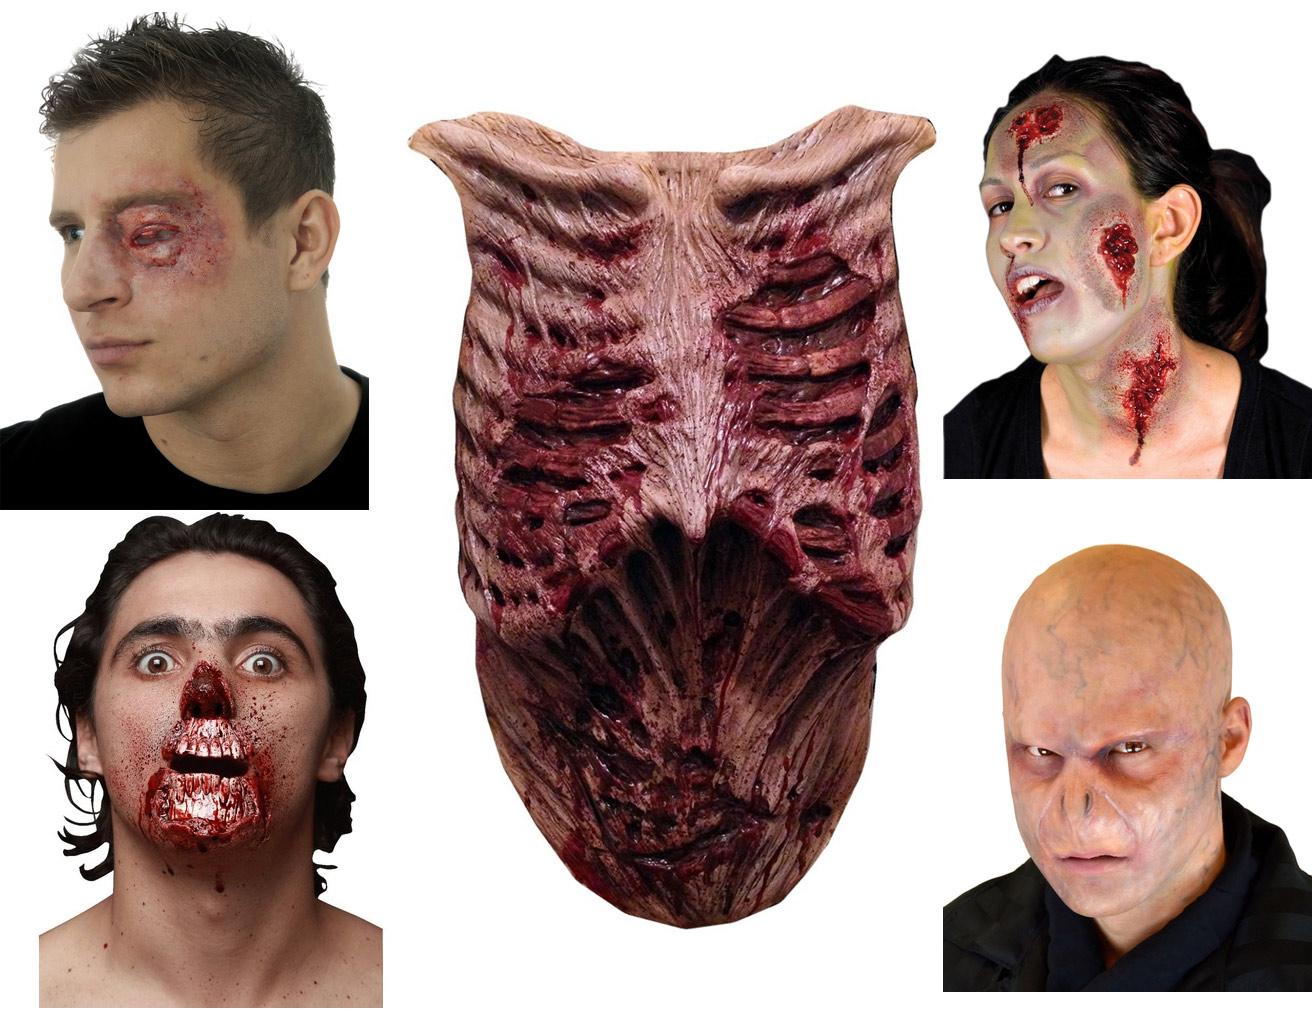 Un maquillage effrayant pour Halloween